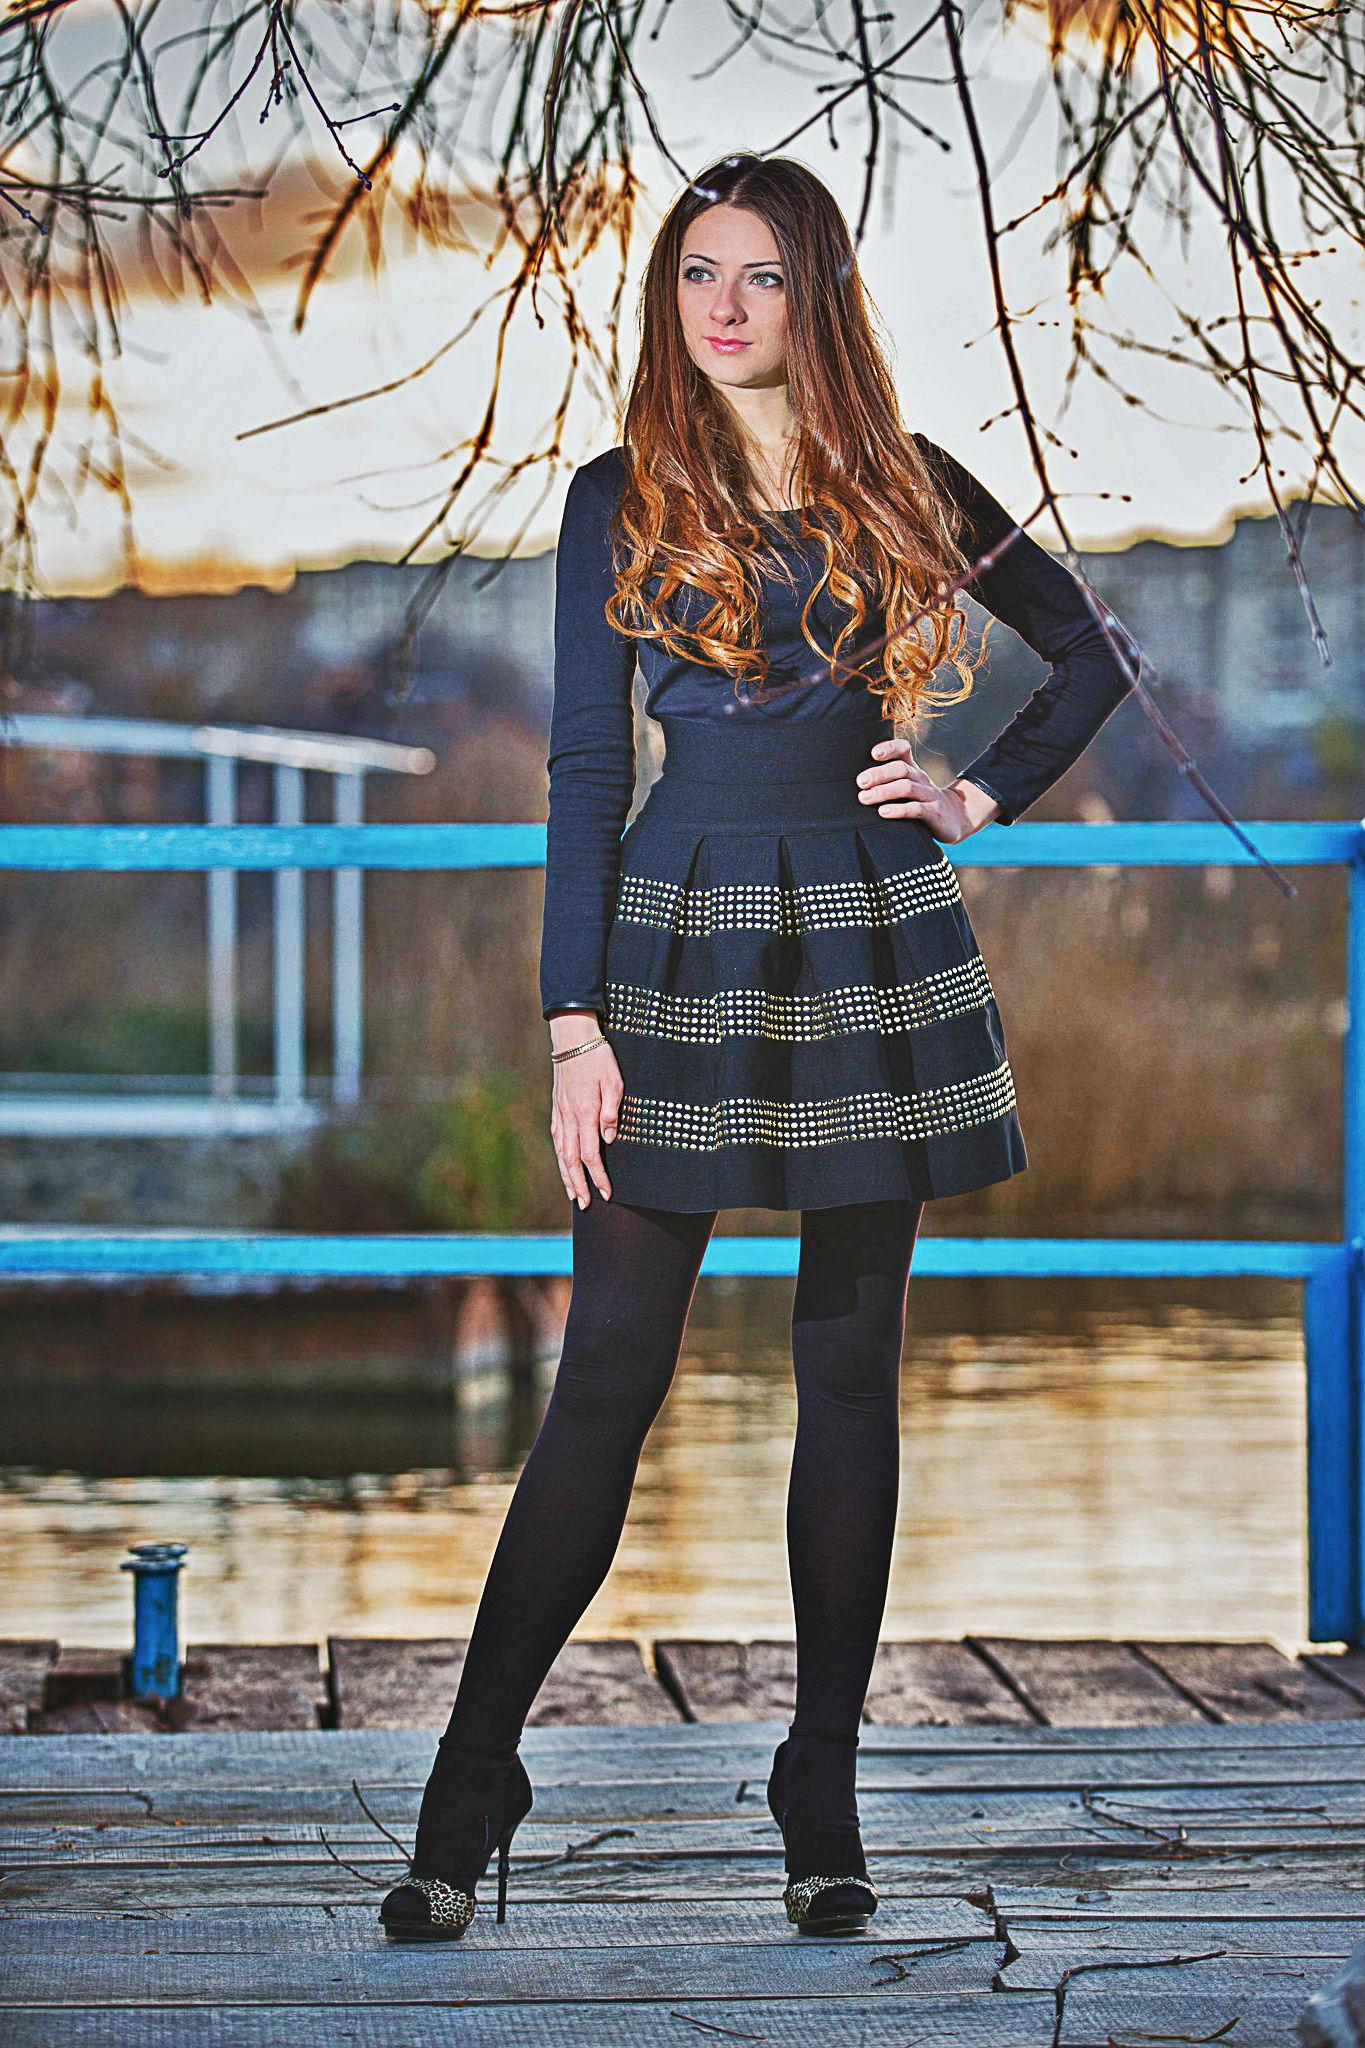 Фото девушки в платье и колготках 10 фотография